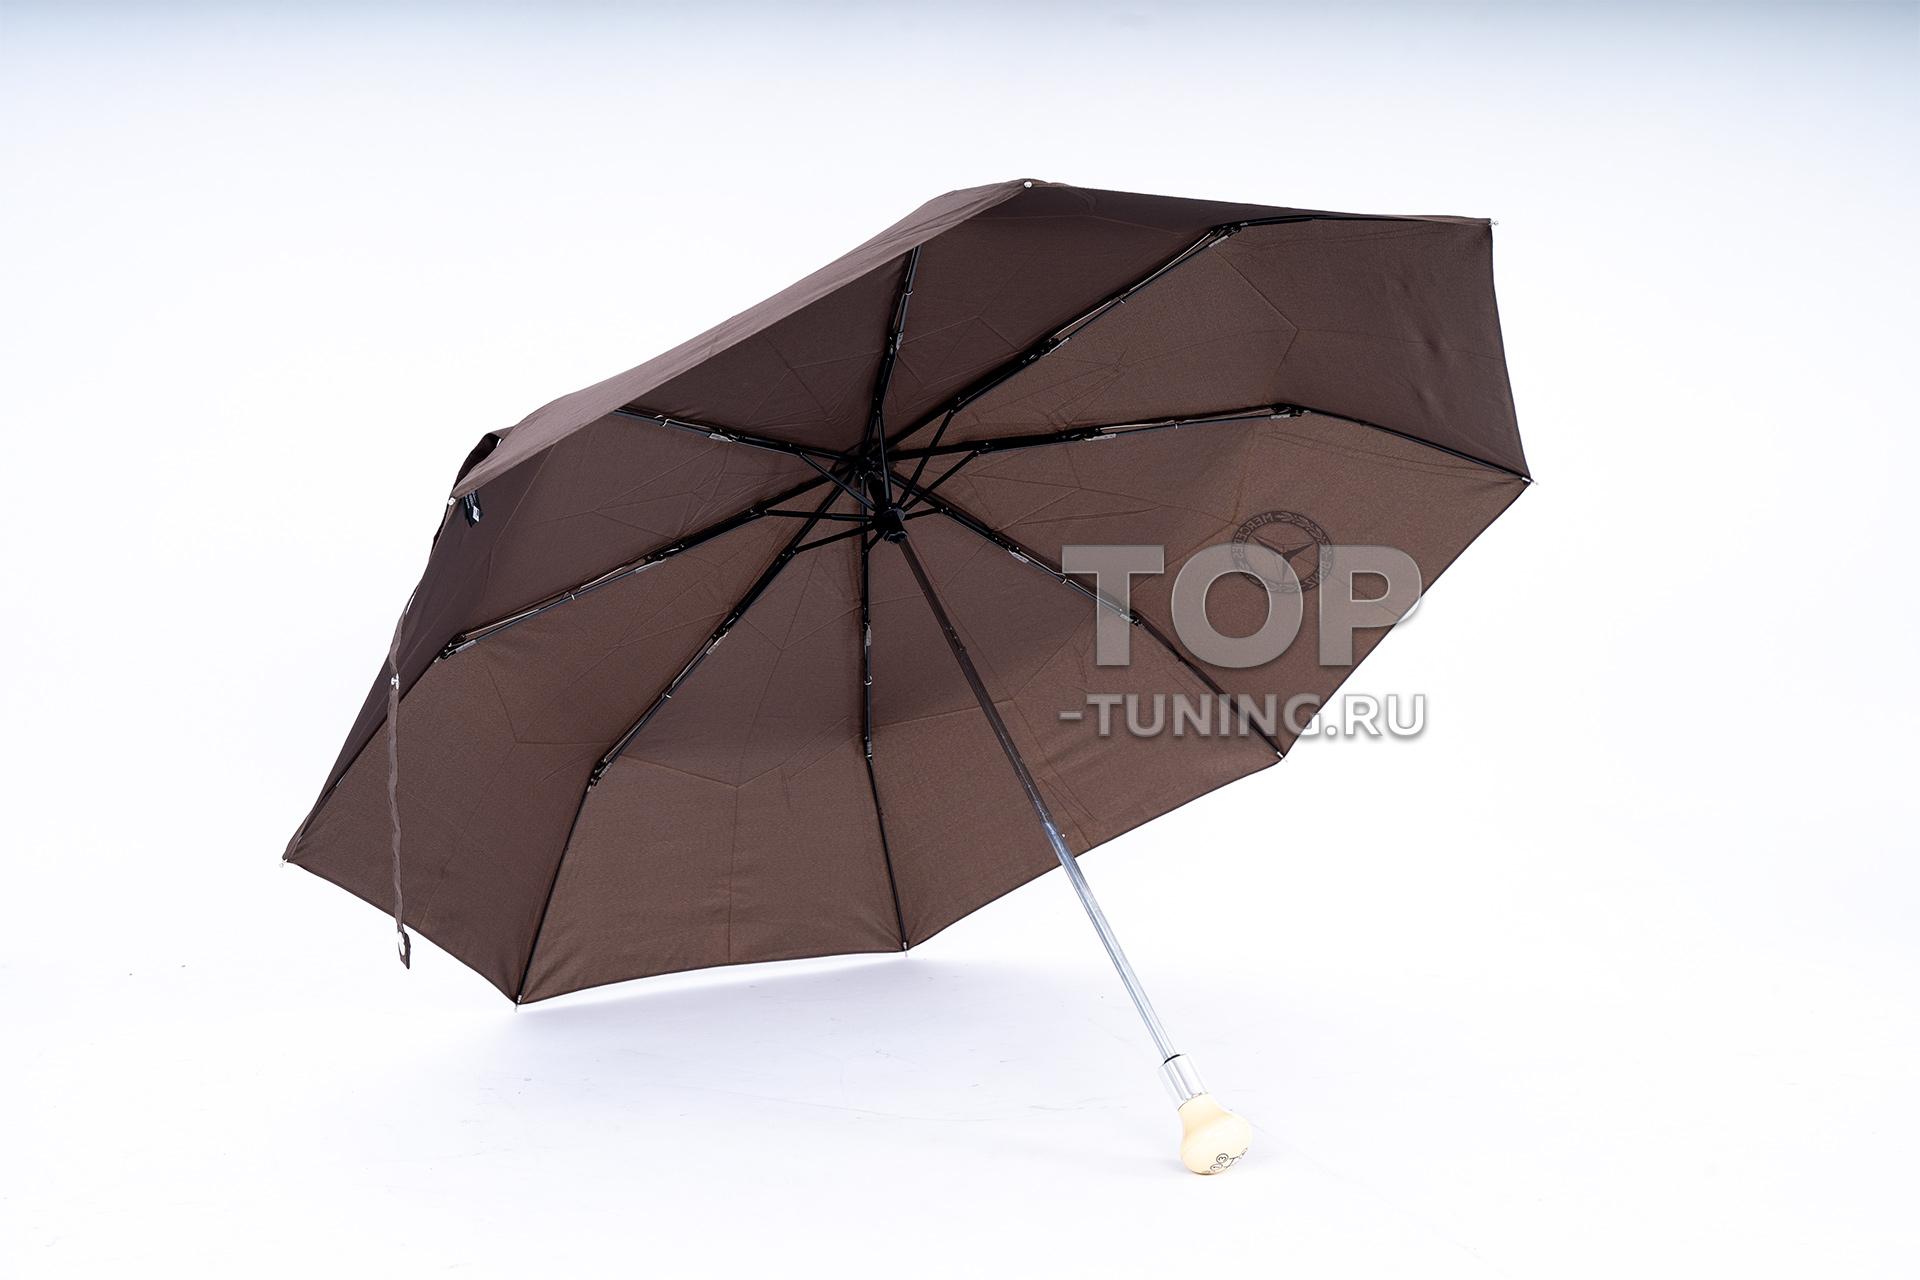 Коричневый зонт для Мерседес Бенц - оригинал, с бежевой рукояткой стилизованной под КПП